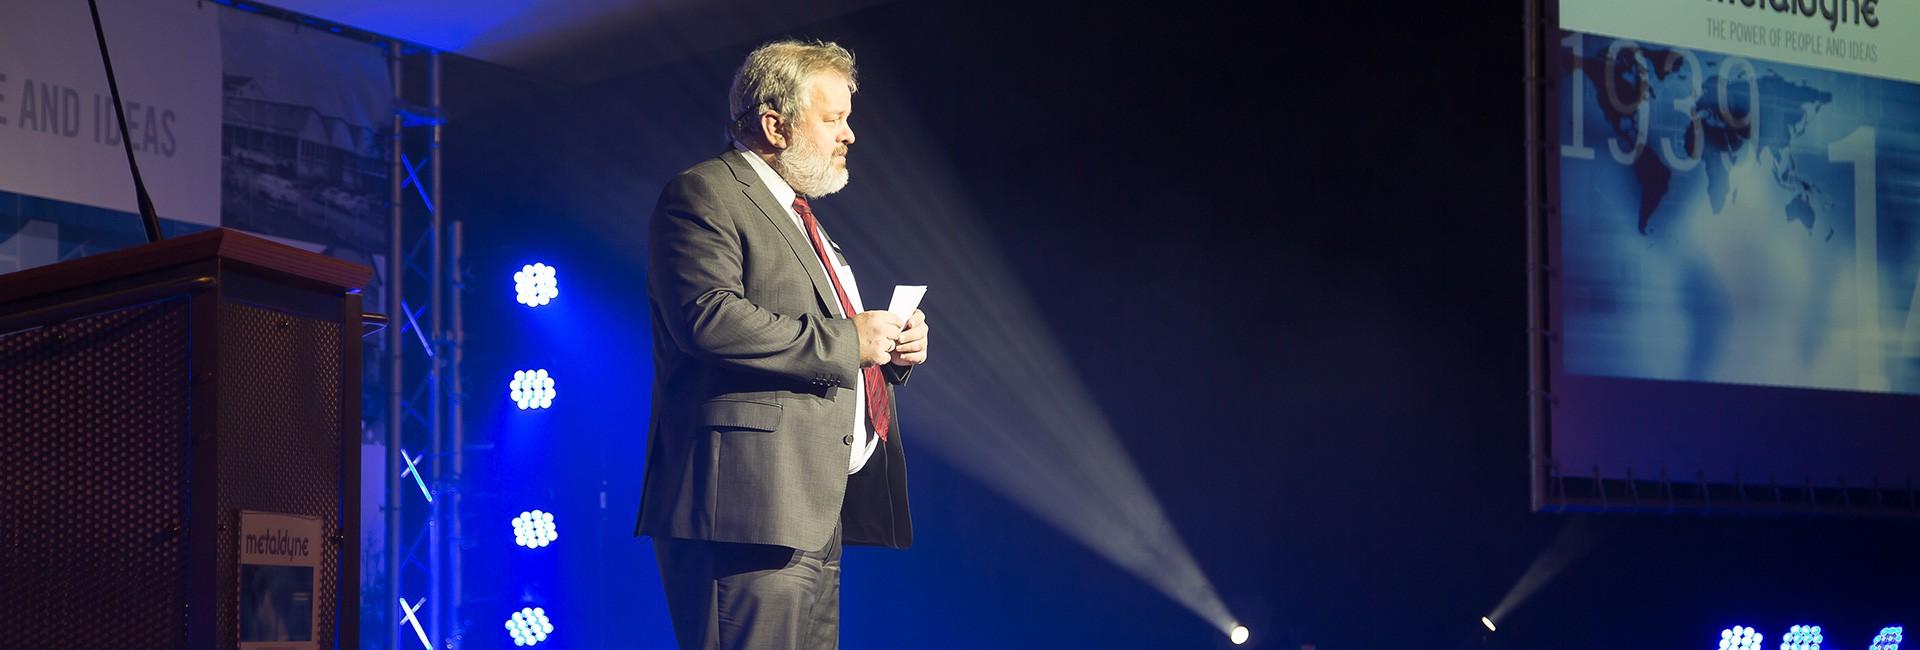 Siegfried Lachmann